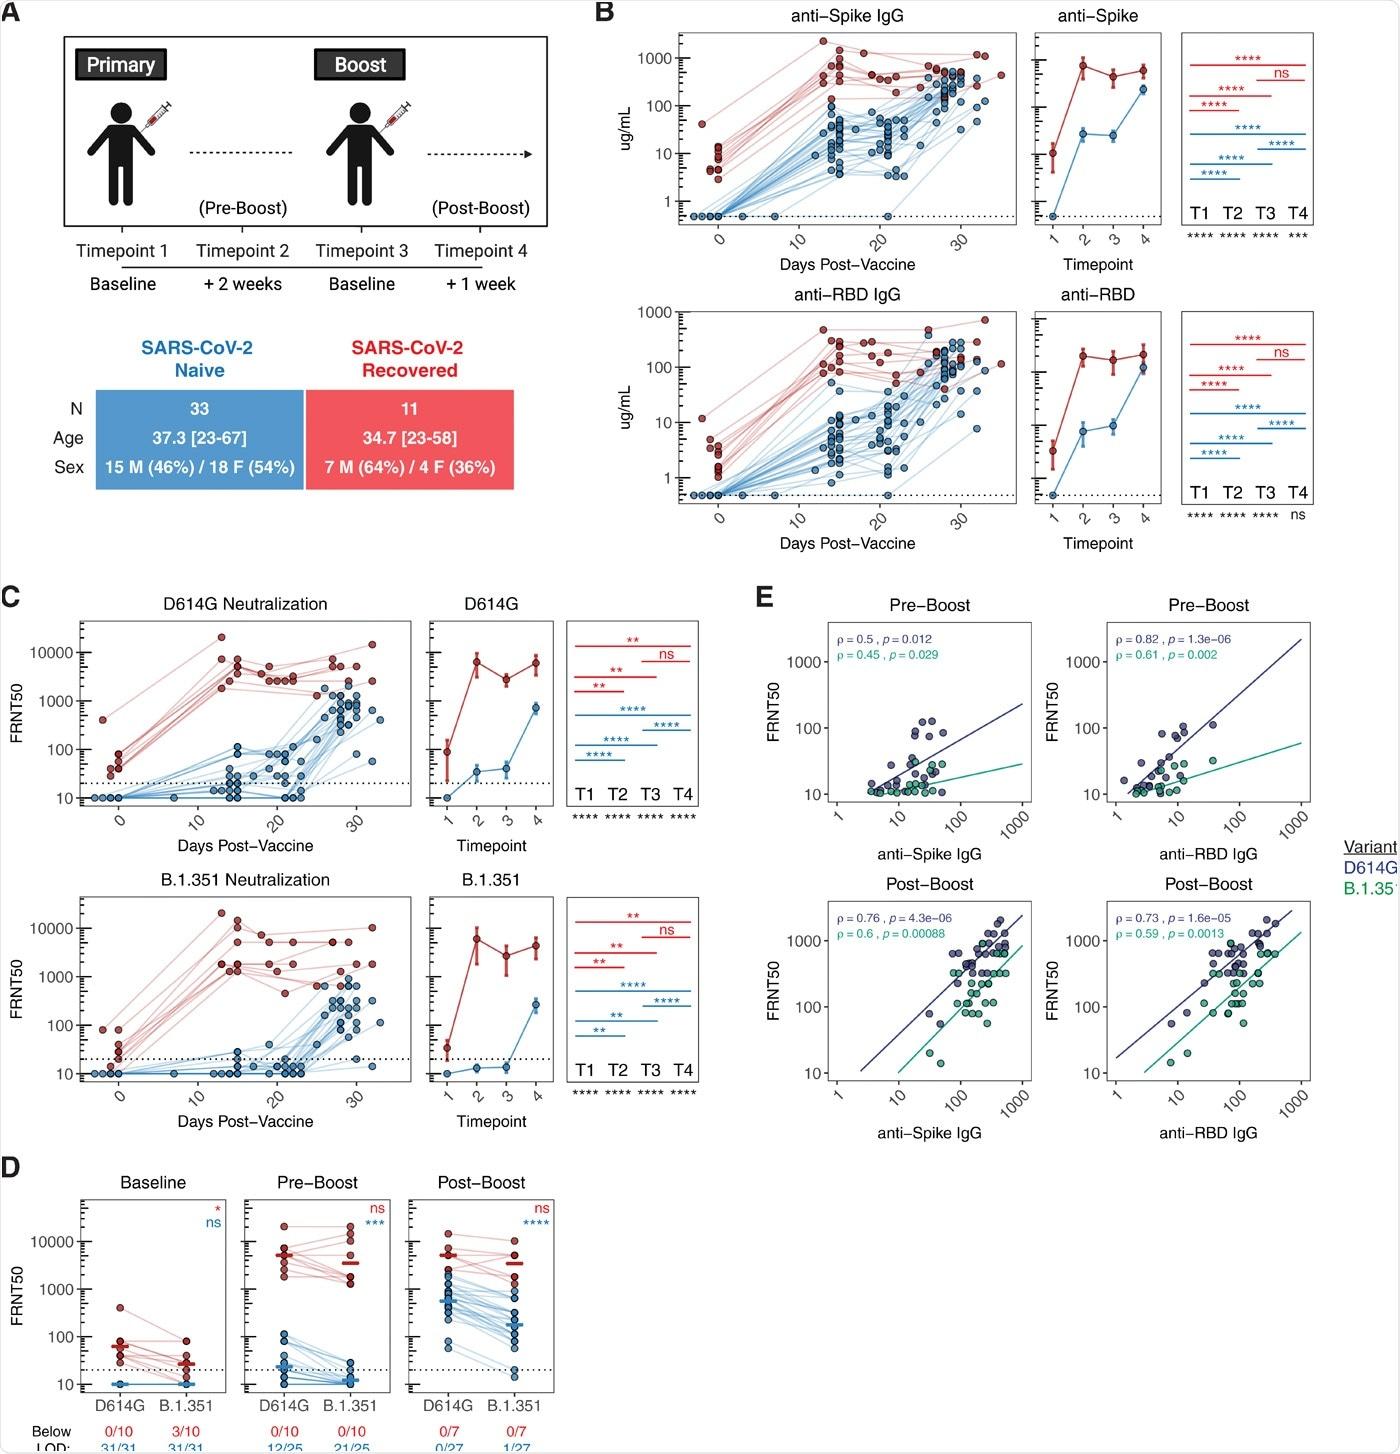 Respuestas de anticuerpos después de la vacunación con ARNm en individuos recuperados y sin tratamiento previo con SARS-CoV-2.  A) Diseño del estudio de la vacuna COVID de UPenn Immune Health.  B) Concentración de anticuerpos IgG anti-spike y anti-RBD en individuos vacunados a lo largo del tiempo.  C) Título de neutralización de reducción de foco 50% (FRNT50) de sueros inducidos por vacuna contra virus pseudotipados que expresan SARS-CoV-2 D614G (tipo salvaje) o proteína de pico variante B.1.351 (Sudáfrica).  D) Análisis emparejado de títulos de neutralización contra D614G y B.1.351 en sueros inducidos por vacuna en la línea de base (punto de tiempo 1), antes del refuerzo (punto de tiempo 2) y después del refuerzo (punto de tiempo 4).  E) Análisis bivariado de anticuerpos de unión totales anti-pico y anti-RBD con títulos de neutralización de pseudovirus frente a D614G y B.1.351.  Las asociaciones entre los niveles totales de anticuerpos y la capacidad de neutralización se calcularon usando la correlación de rango de Spearman y se muestran con líneas de tendencia lineales.  Las líneas de puntos indican el límite de detección (LOD) del ensayo.  Las estadísticas se calcularon utilizando la prueba de Wilcoxon no emparejada (comparaciones entre puntos de tiempo y comparaciones entre ingenuos y recuperados) o la prueba de Wilcoxon emparejada (comparaciones entre D614G y B.1.351) con corrección de Holm para comparaciones múltiples.  Los valores azul y rojo indican comparaciones estadísticas dentro de los grupos no tratados o recuperados.  Los valores negros indican comparaciones estadísticas entre grupos no tratados o recuperados.